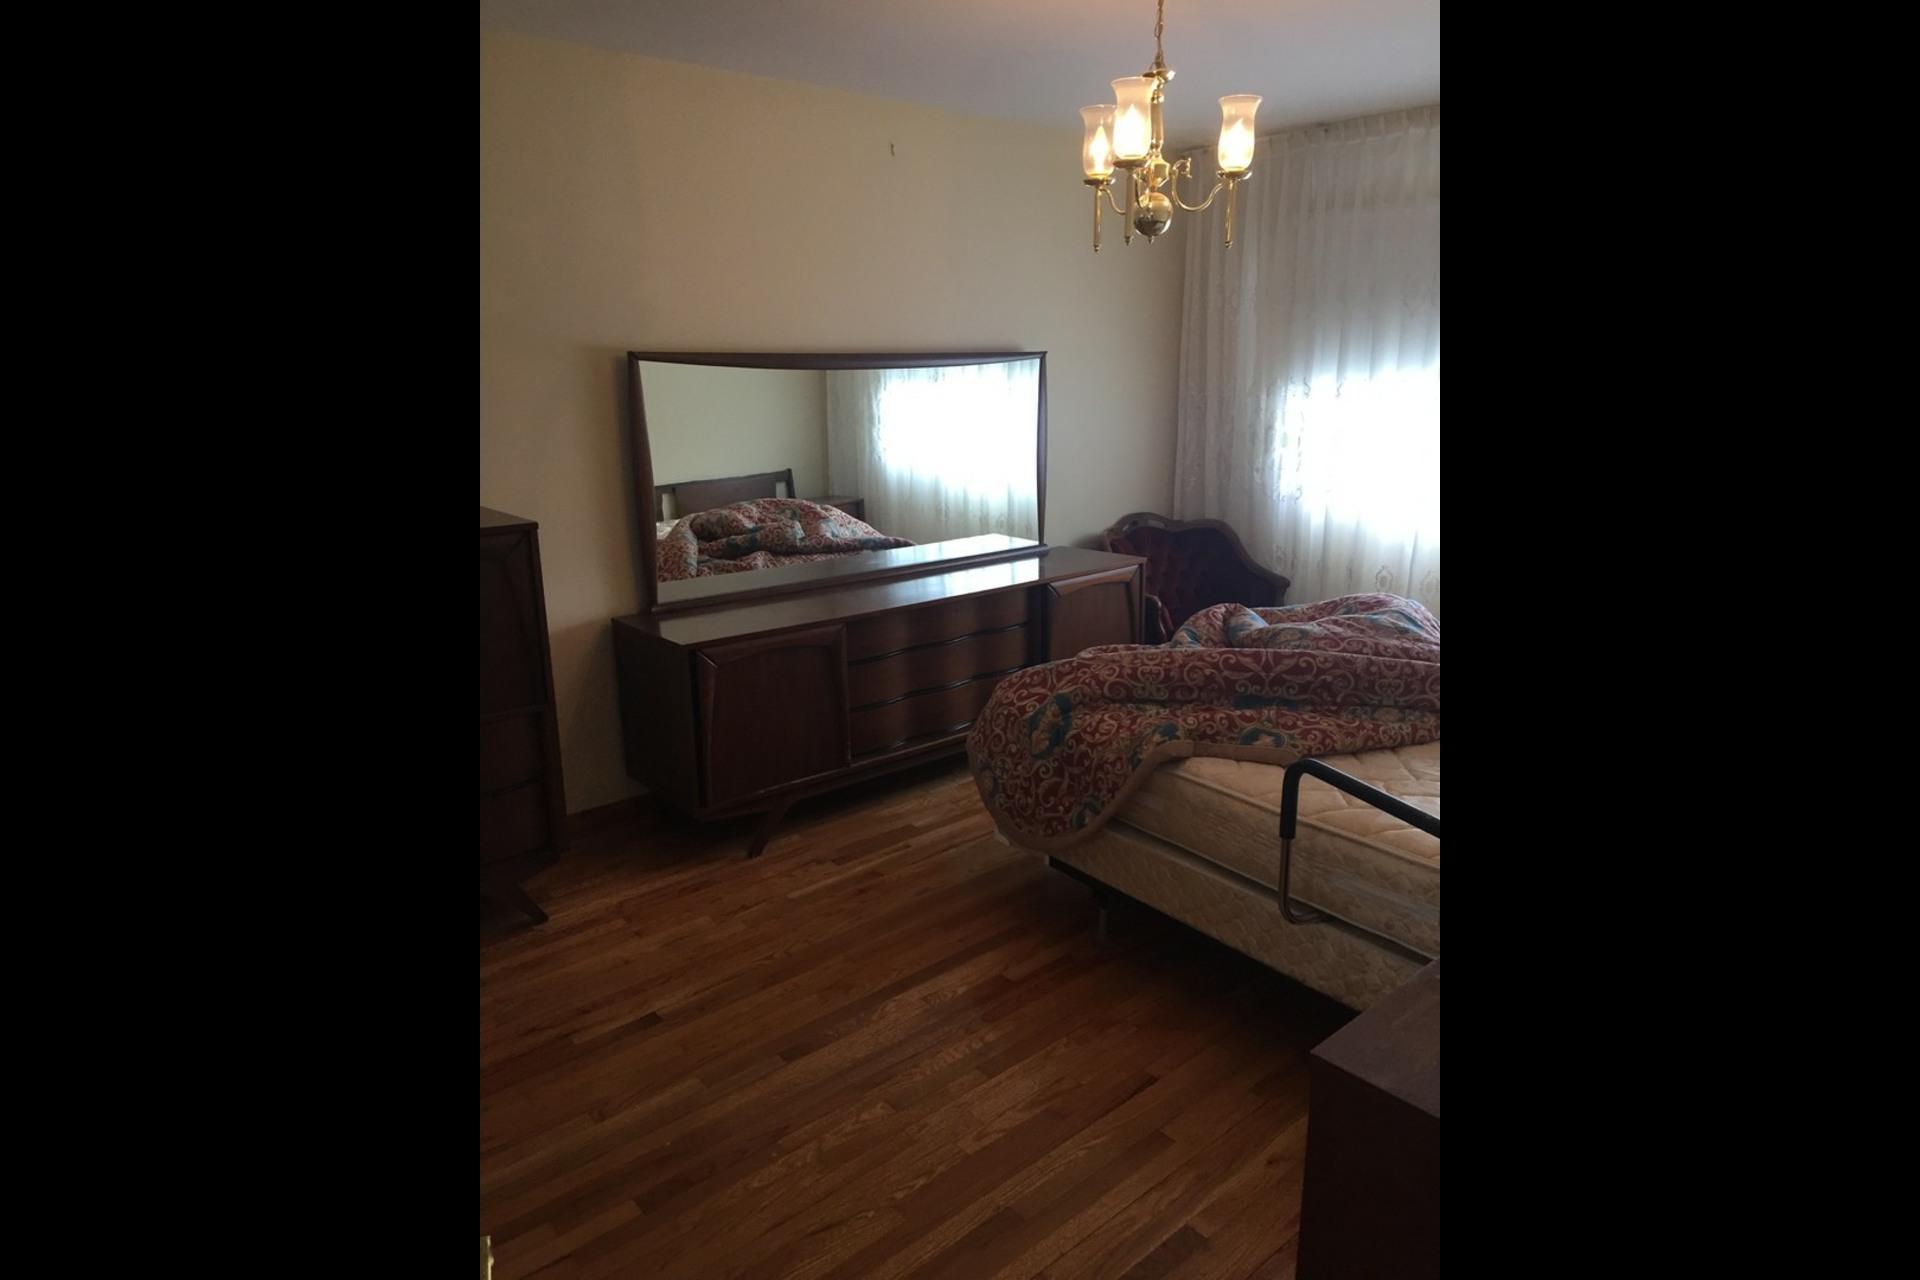 image 2 - Appartement À louer Montréal Saint-Leonard - 6 pièces